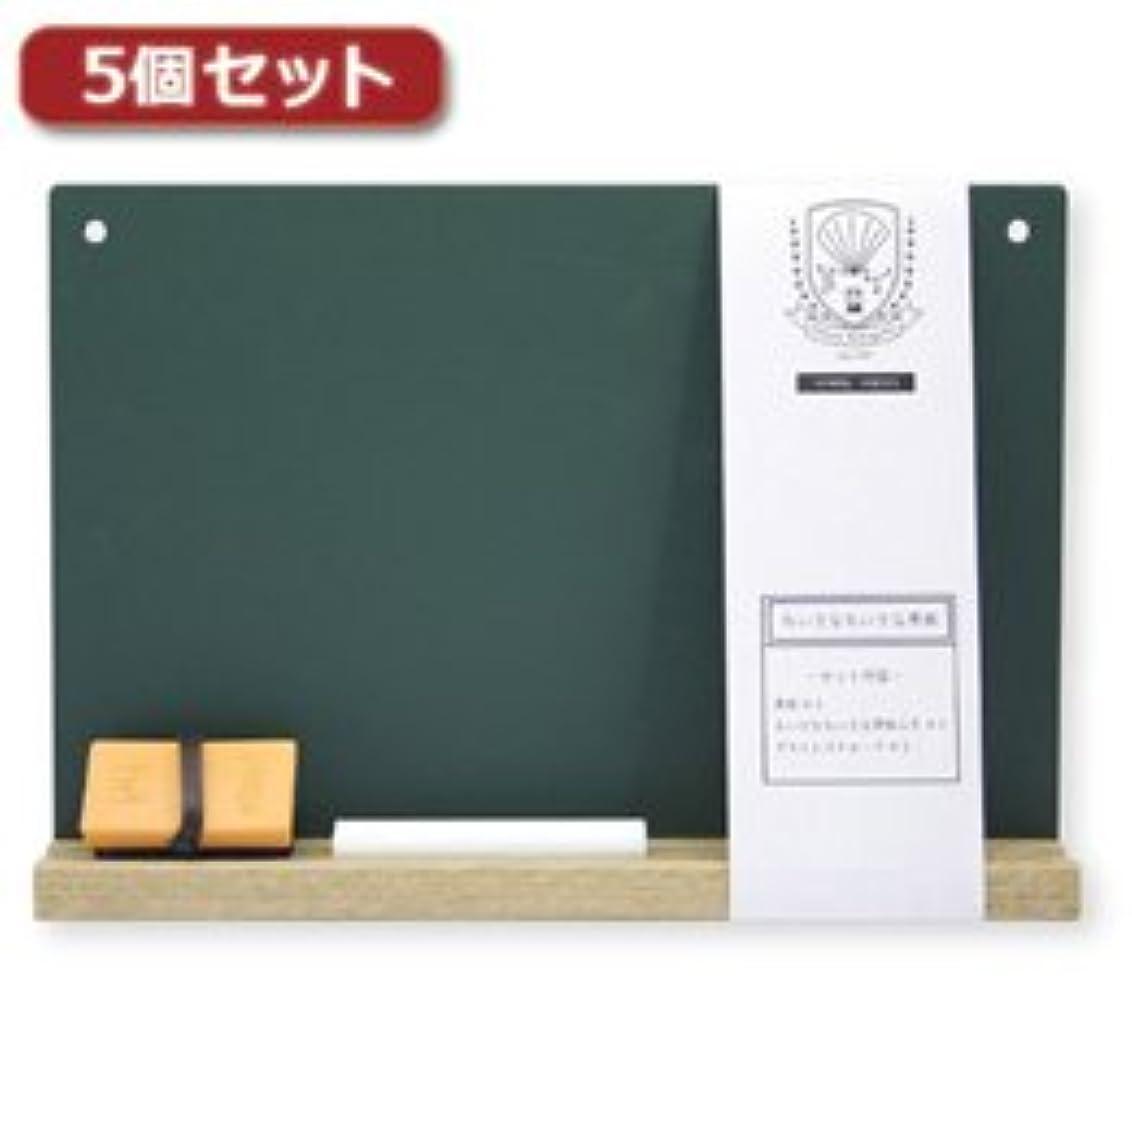 言うまでもなく該当する誰(2個まとめ売り) 5個セット 日本理化学工業 もっとちいさな黒板 A5 緑 SB-M-GRX5